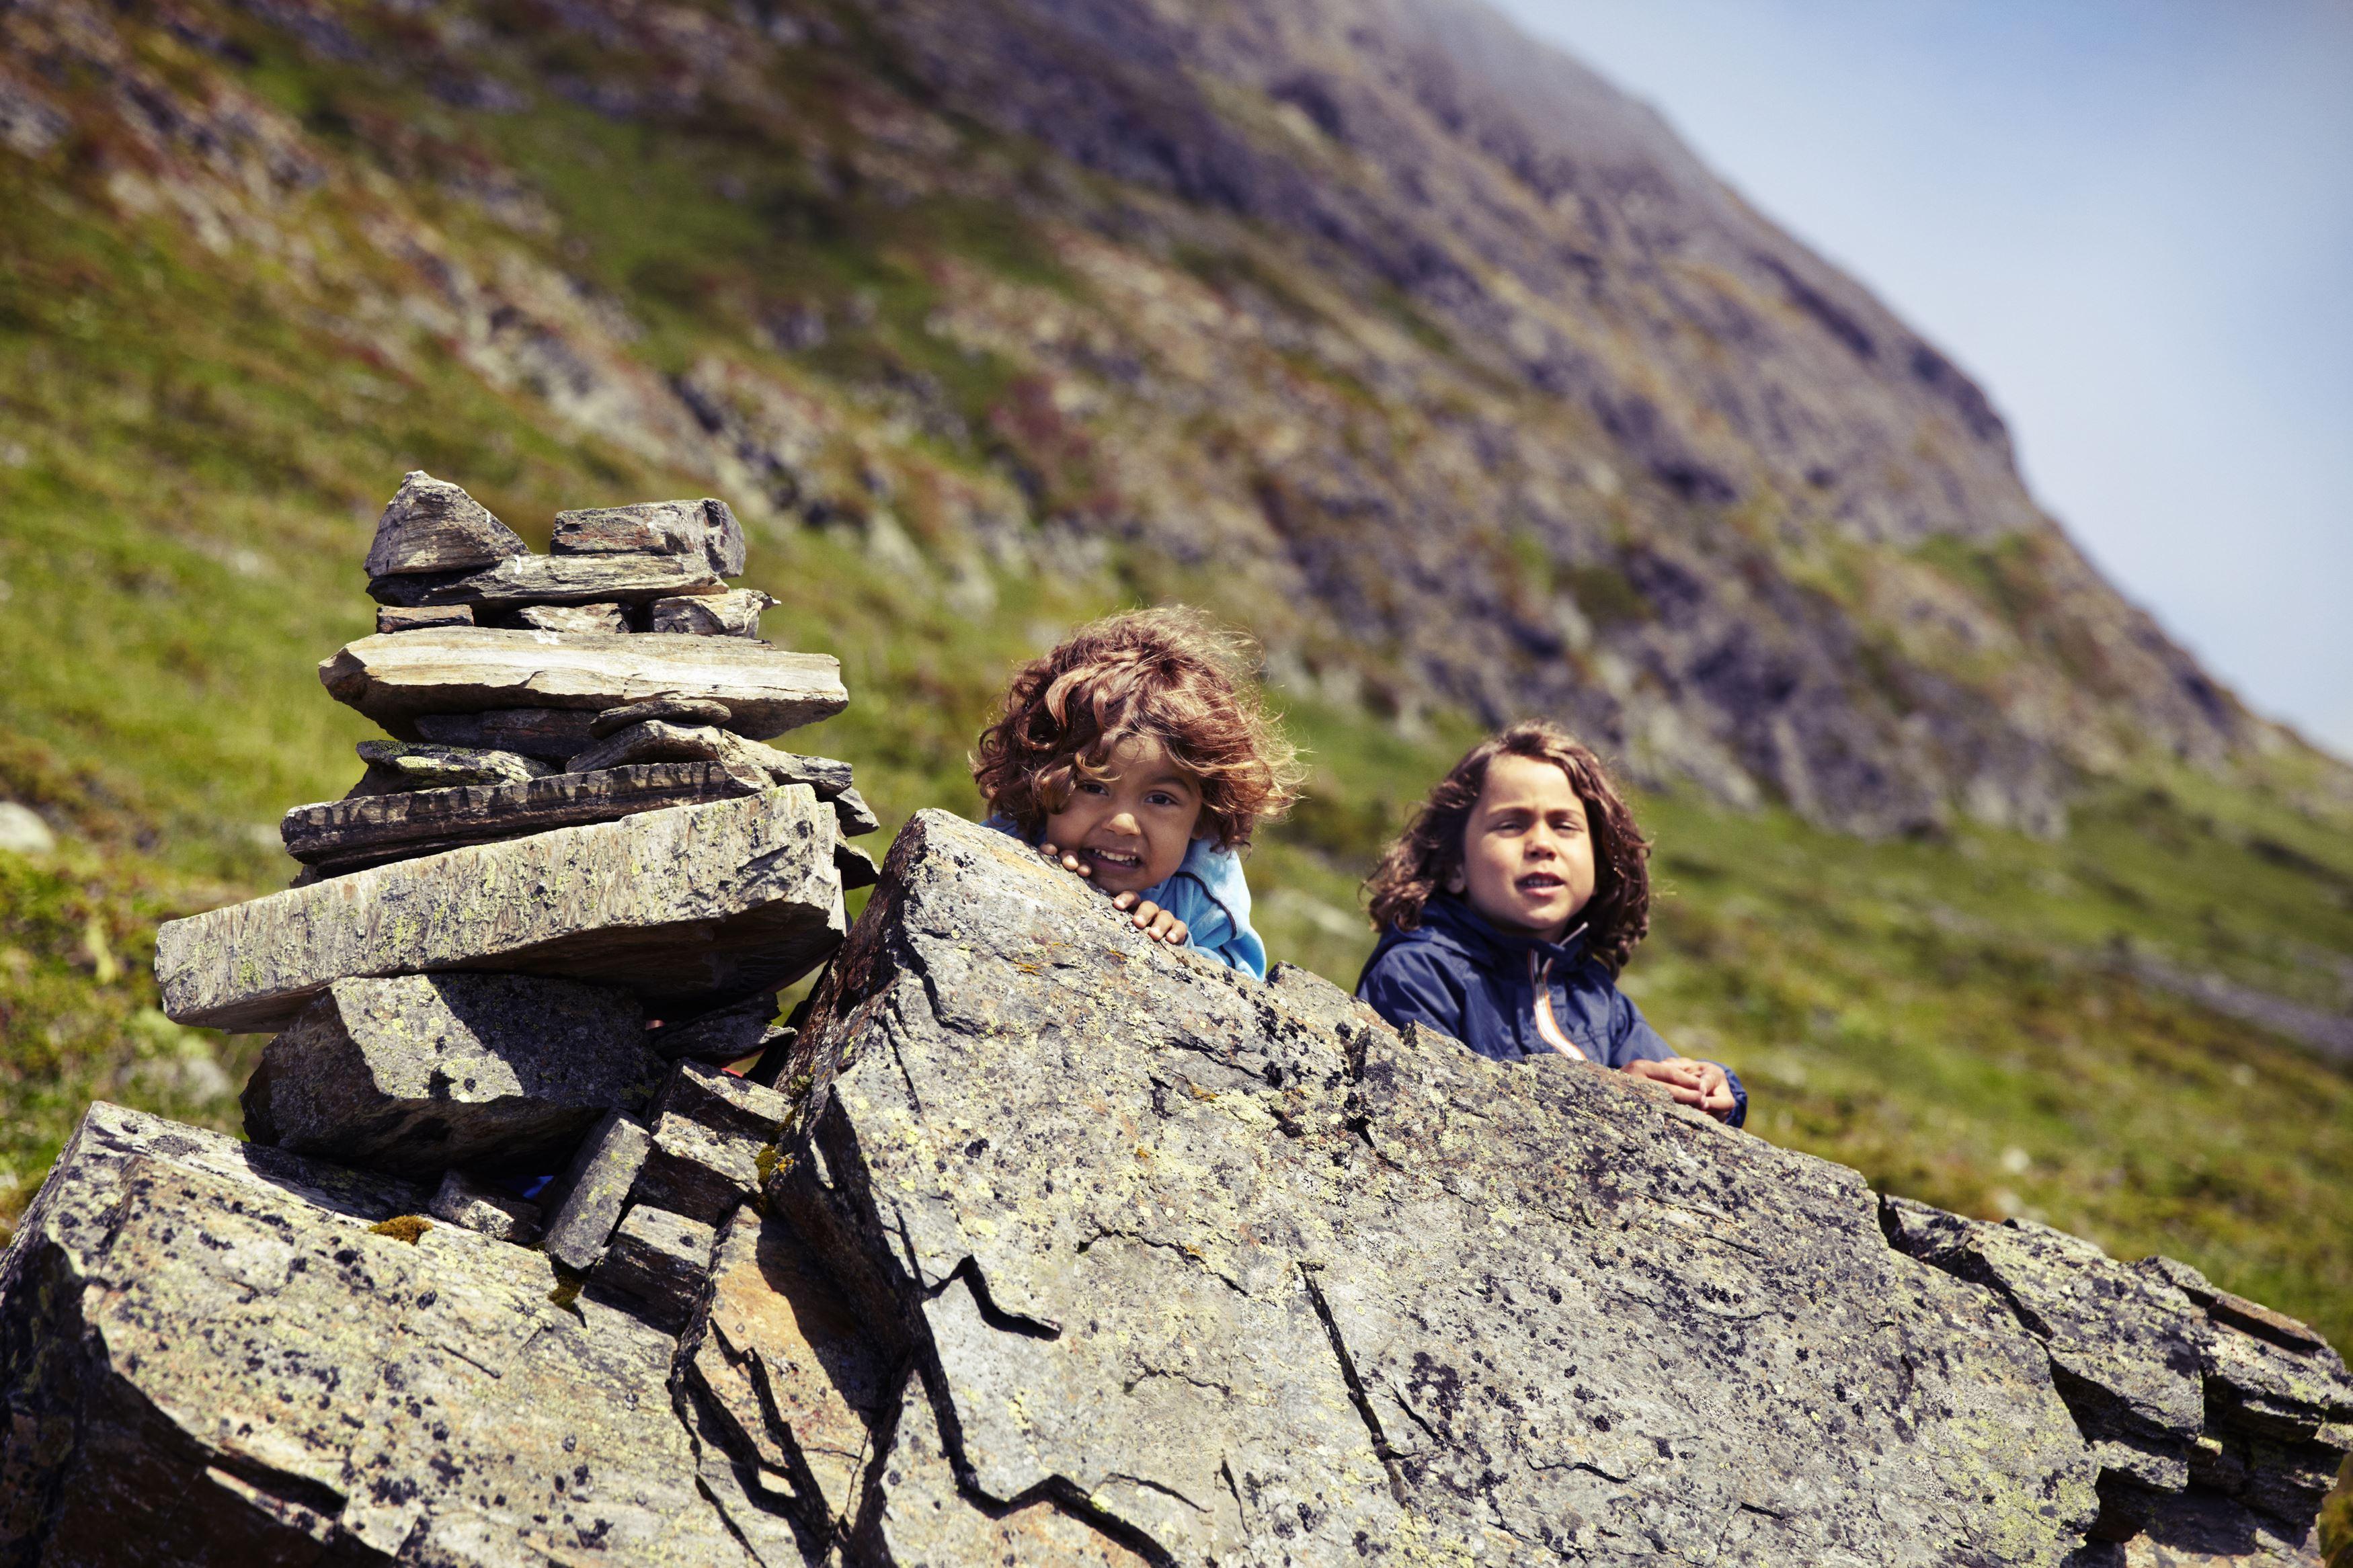 Hiking in the Myrkdalen region